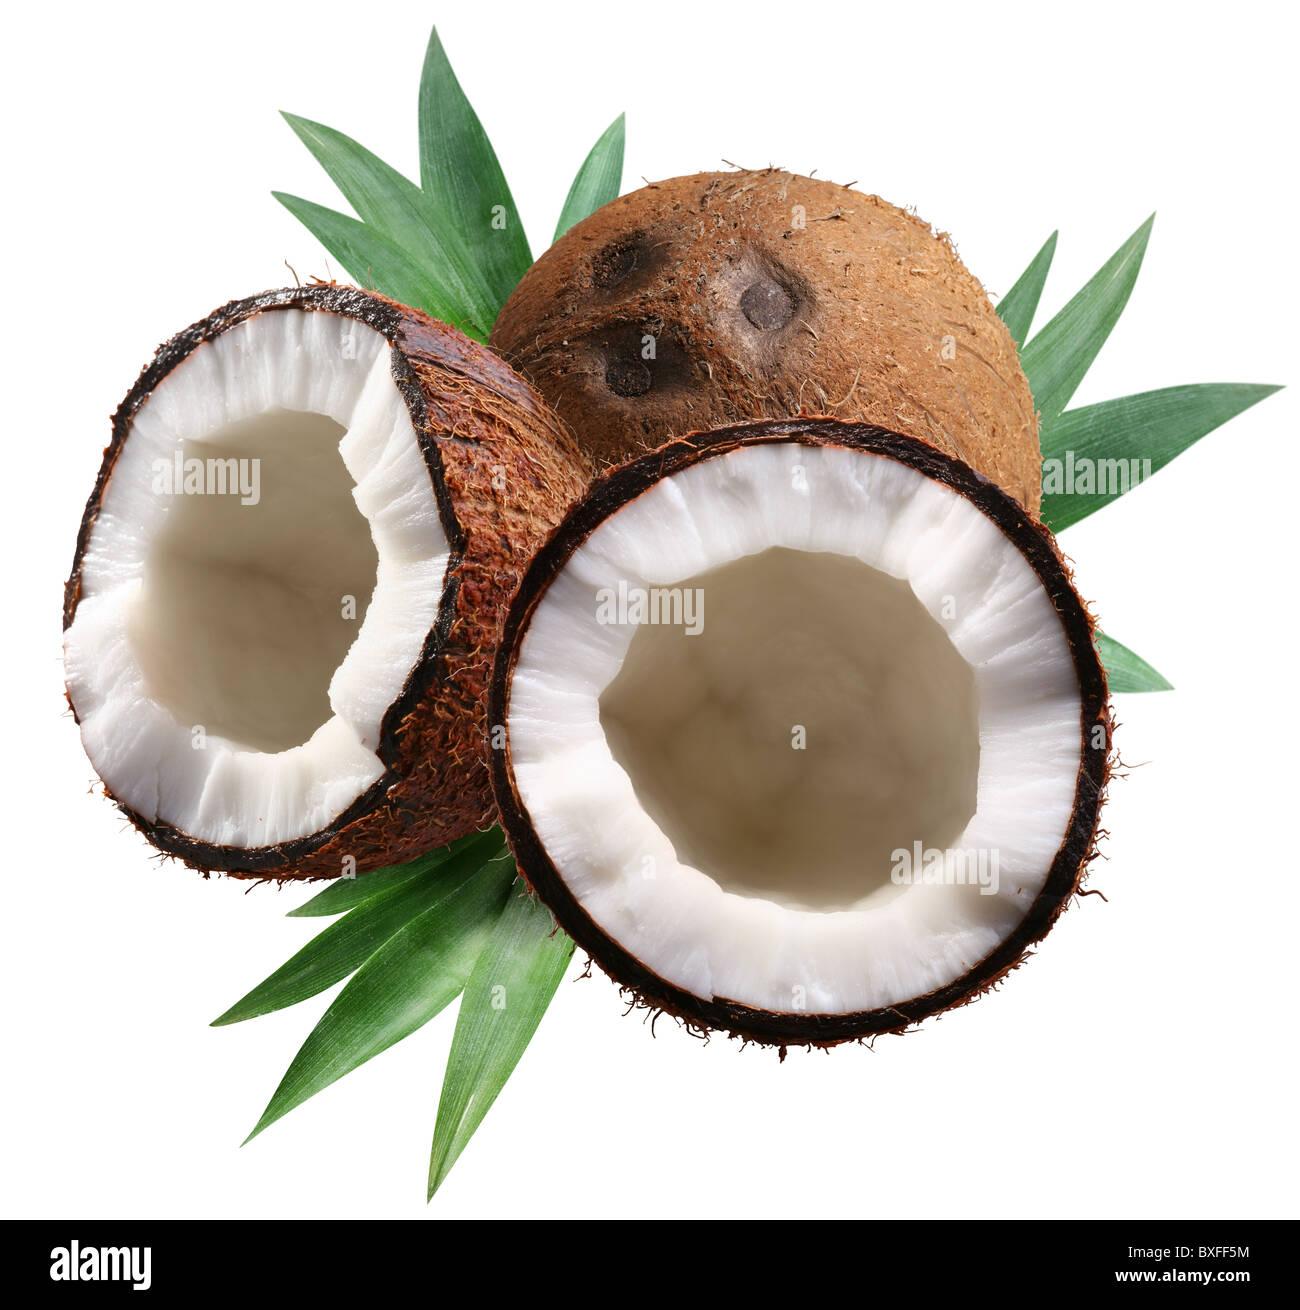 Cocos picada con hojas sobre fondo blanco. Contiene un archivo de trazados de recorte. Imagen De Stock